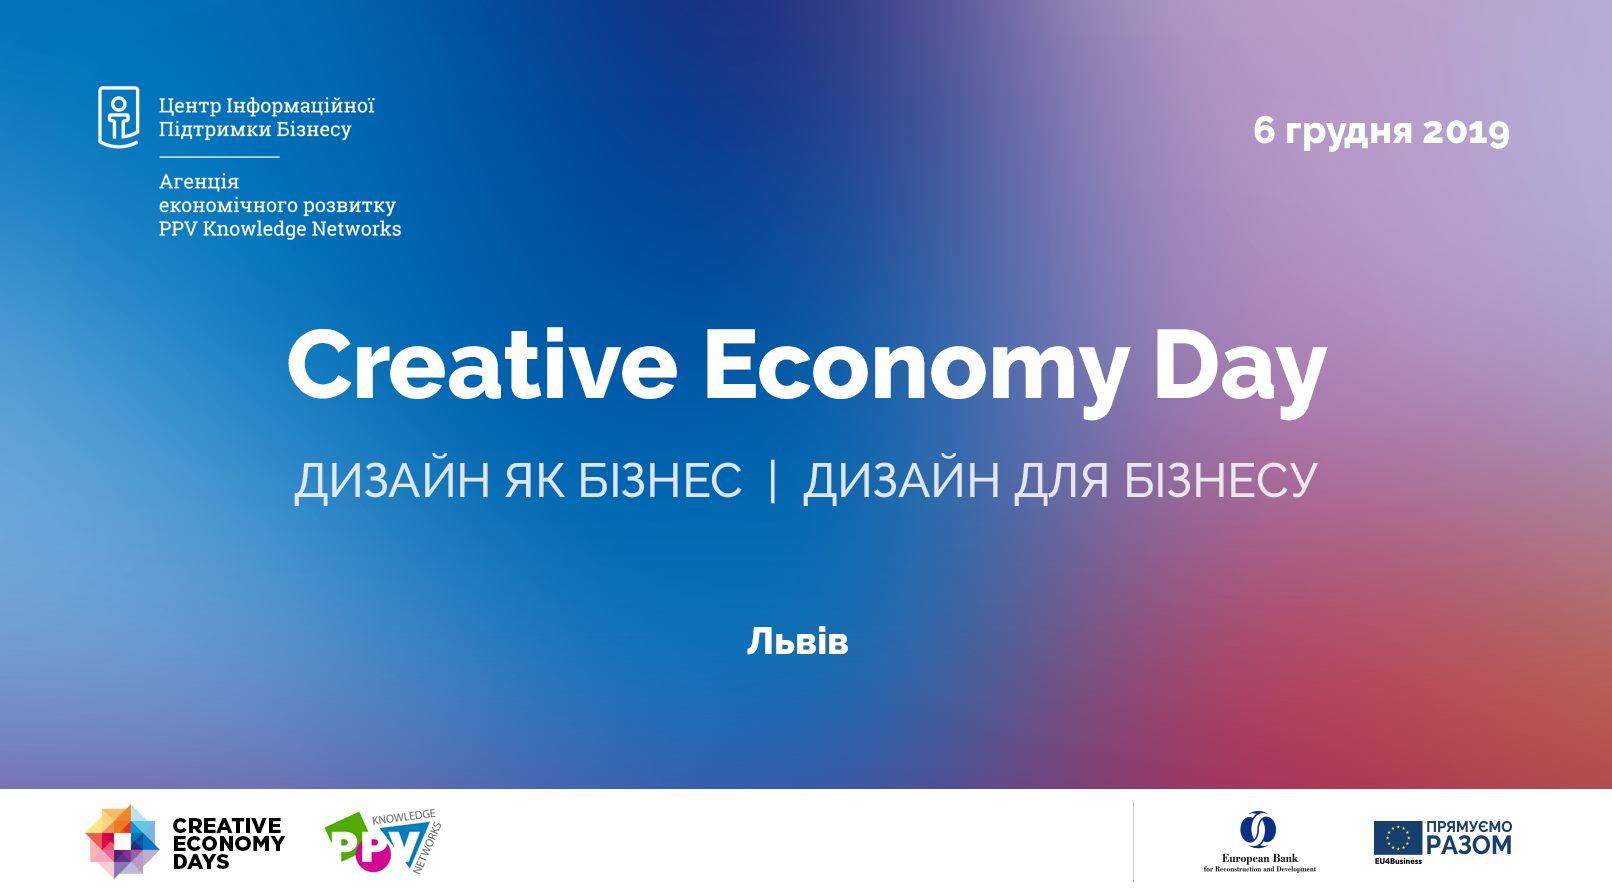 Creative Economy Day